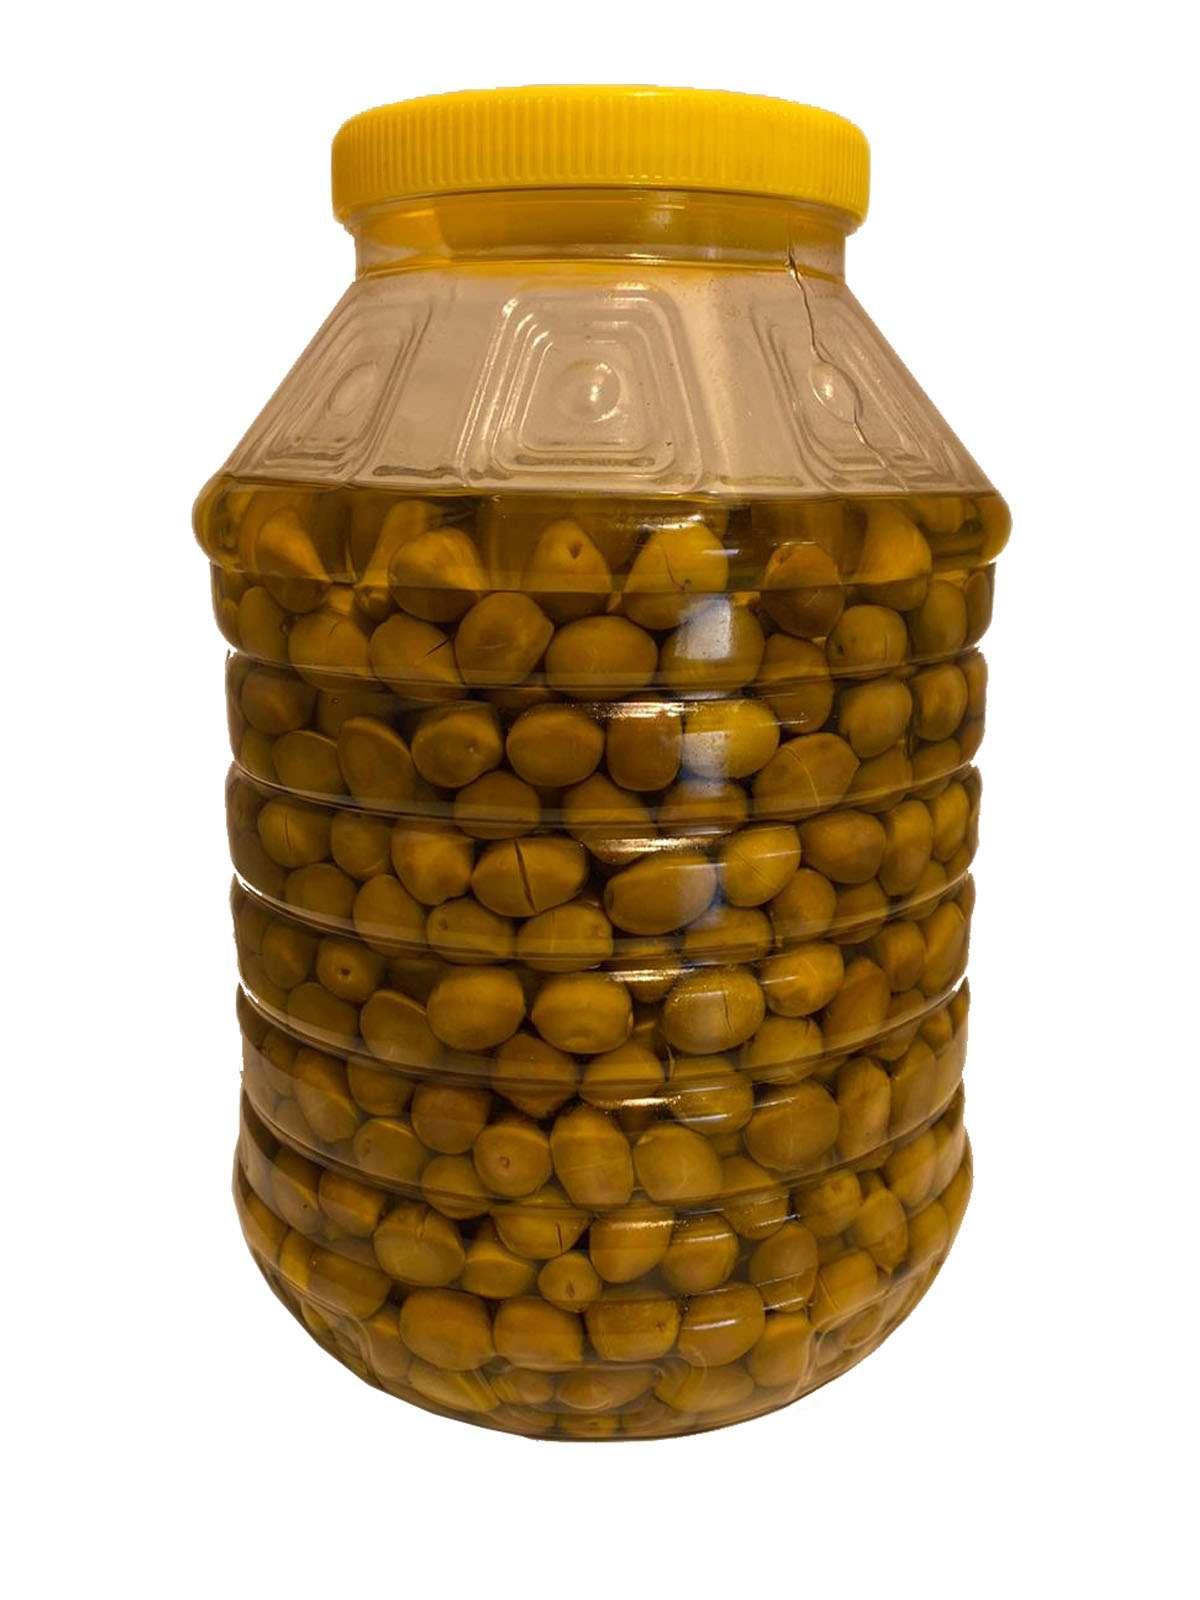 kirma-zeytin-1-kg